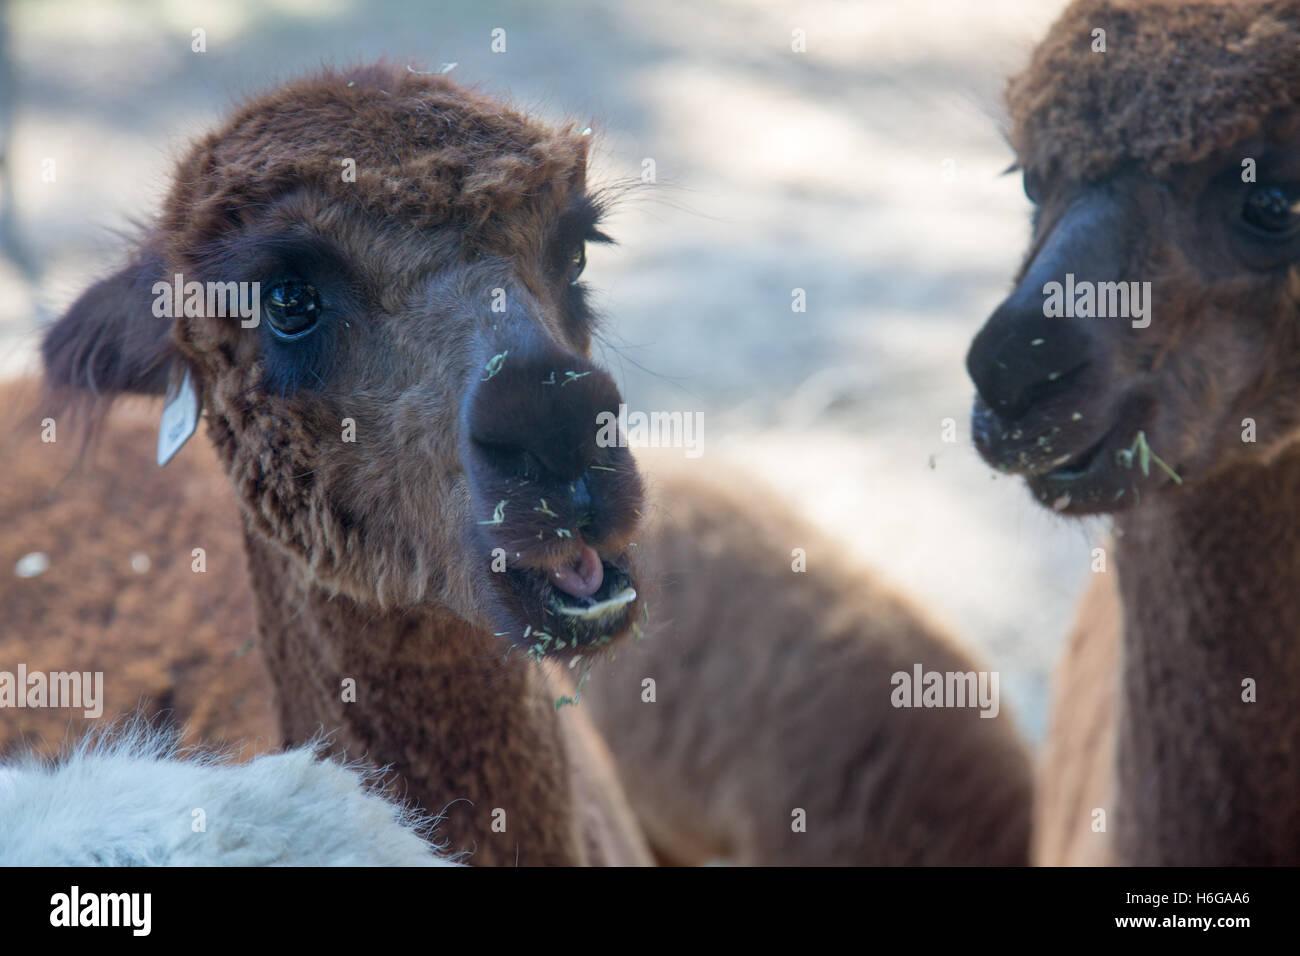 La alpaca (Vicugna pacos) en una granja en Nueva Gales del Sur, Australia Foto de stock